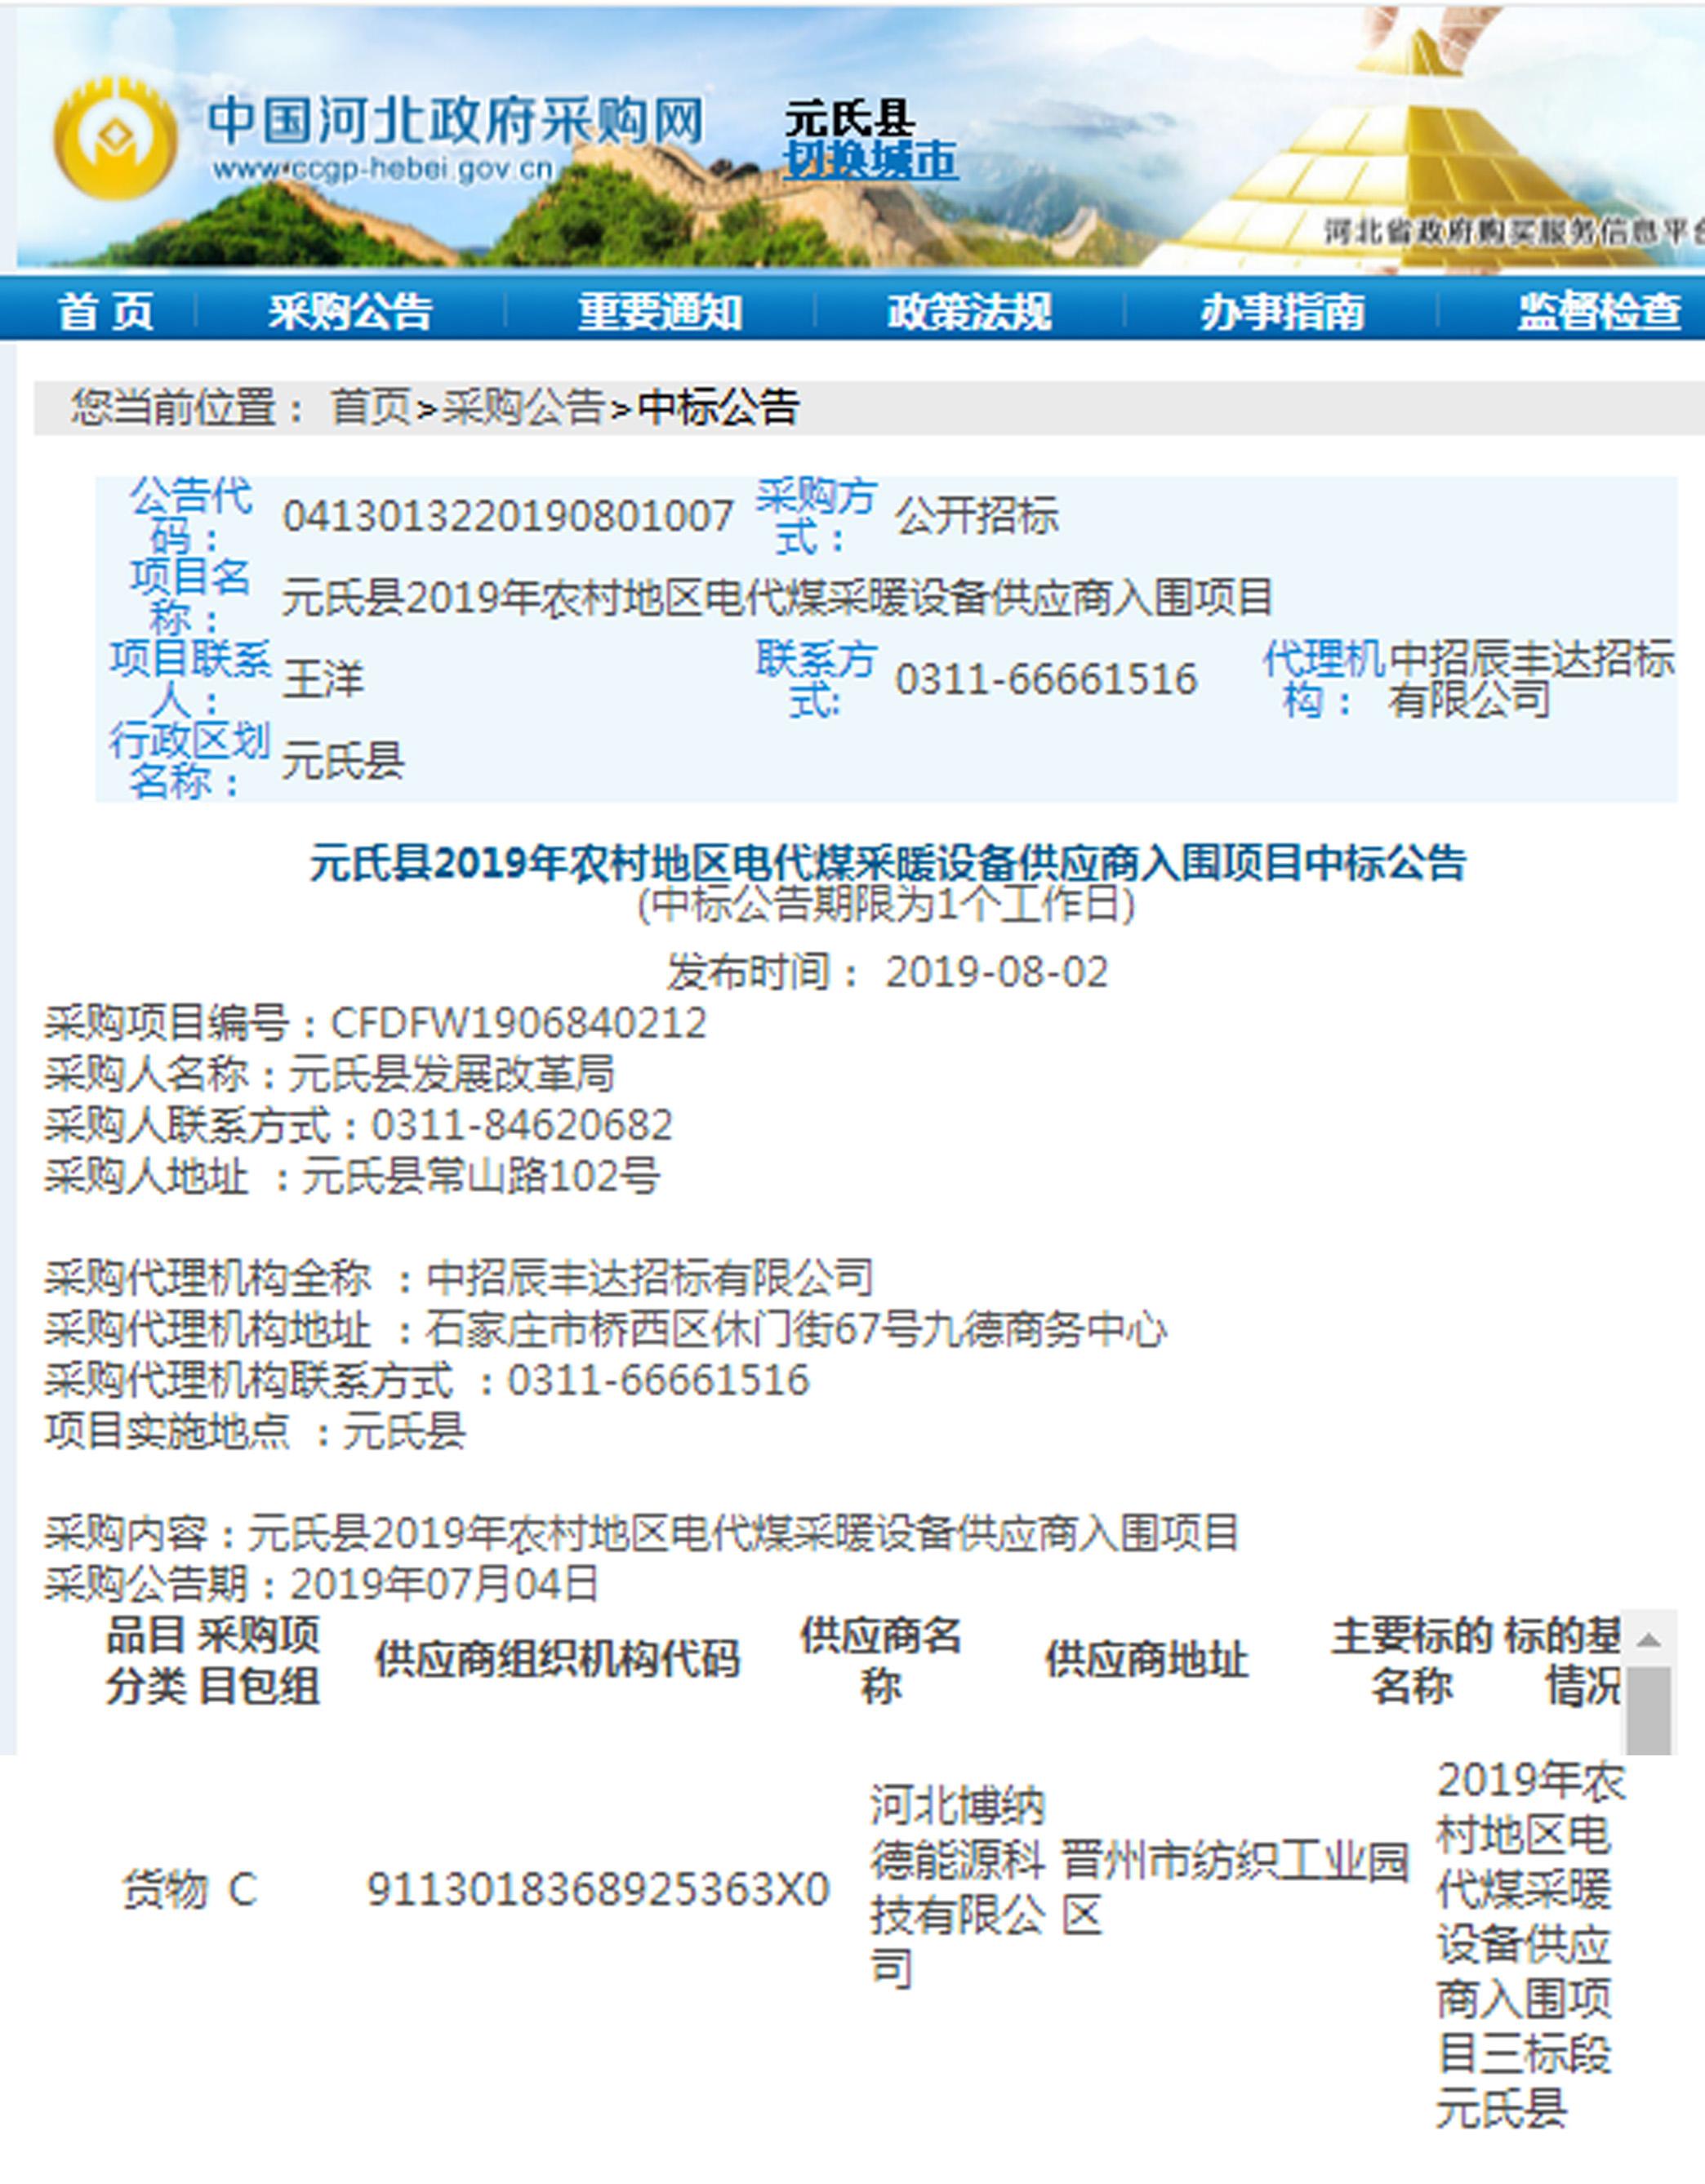 淘宝彩票为什么停售了中标元氏县2019年农村地区电代煤采暖设备项目